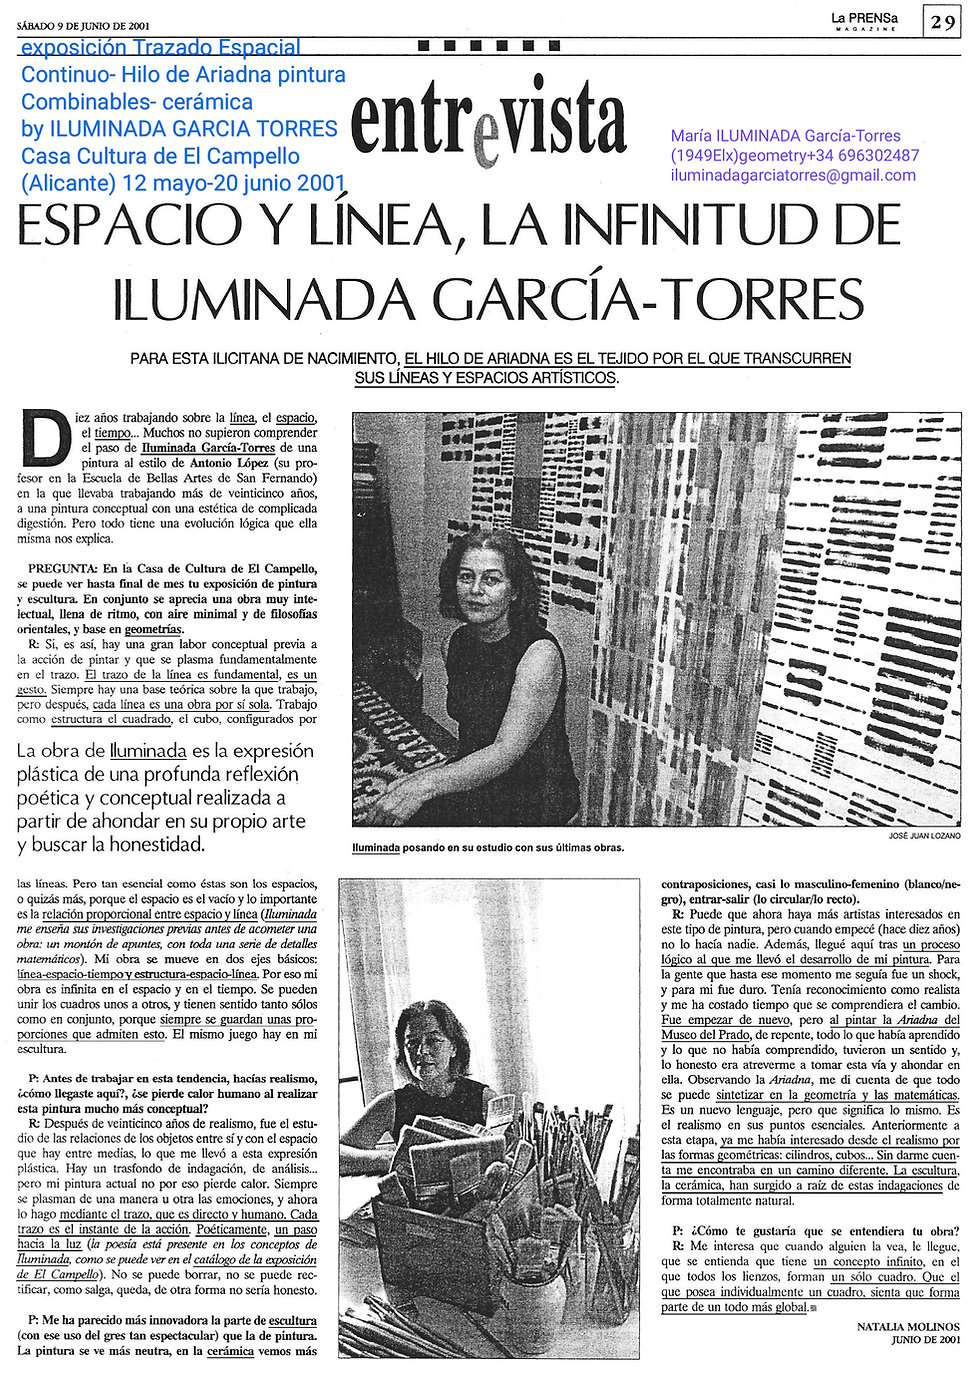 2001texto Natalia Molinos Navarro exposición de pintura y escultura cerámica by ILUMINADA